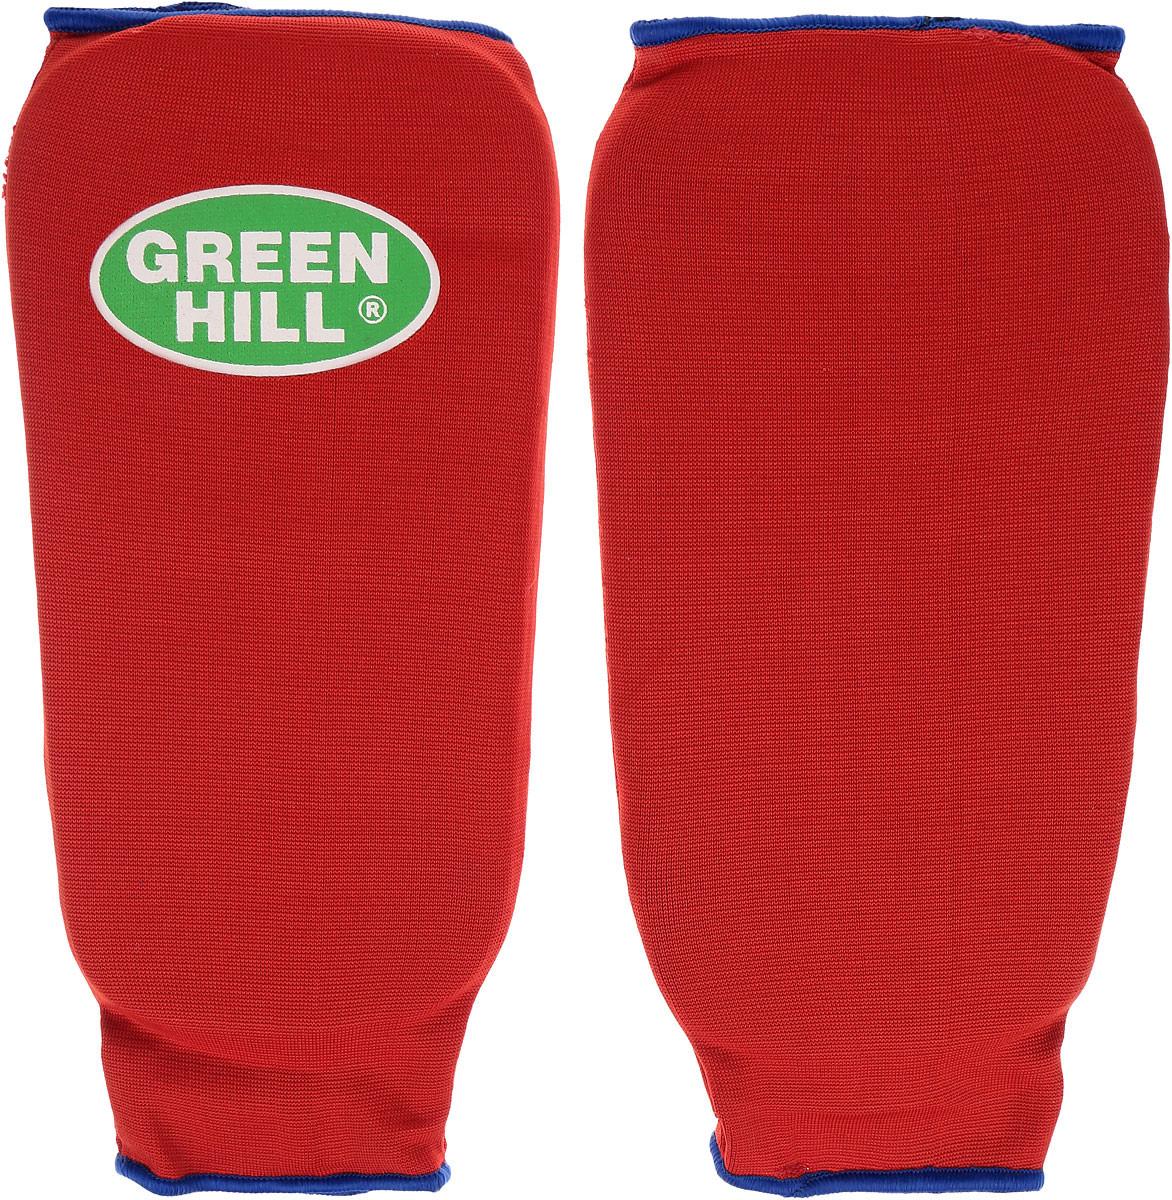 Защита голени Green Hill, цвет: красный, синий. Размер S. SPC-6210SPC-6210Защита голени Green Hill с наполнителем, выполненным из вспененного полимера, необходима при занятиях спортом для защиты суставов от вывихов, ушибов и прочих повреждений. Накладки выполнены из высококачественного эластана и хлопка. Длина голени: 23,5 см. Ширина голени: 14 см.